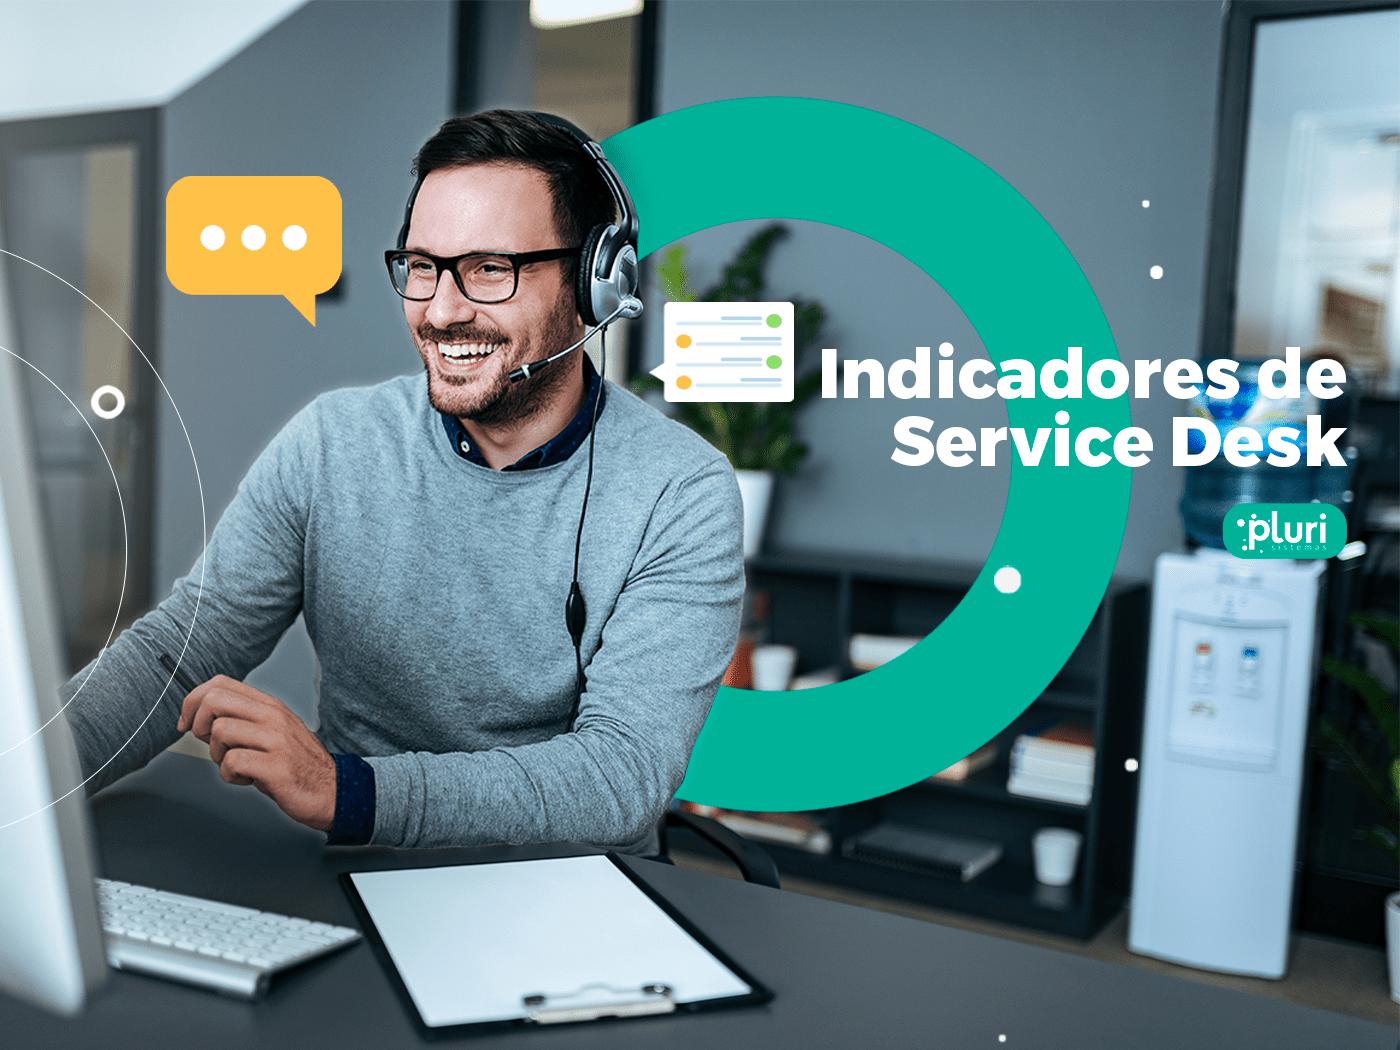 indicadores service desk pluri sistemas call center